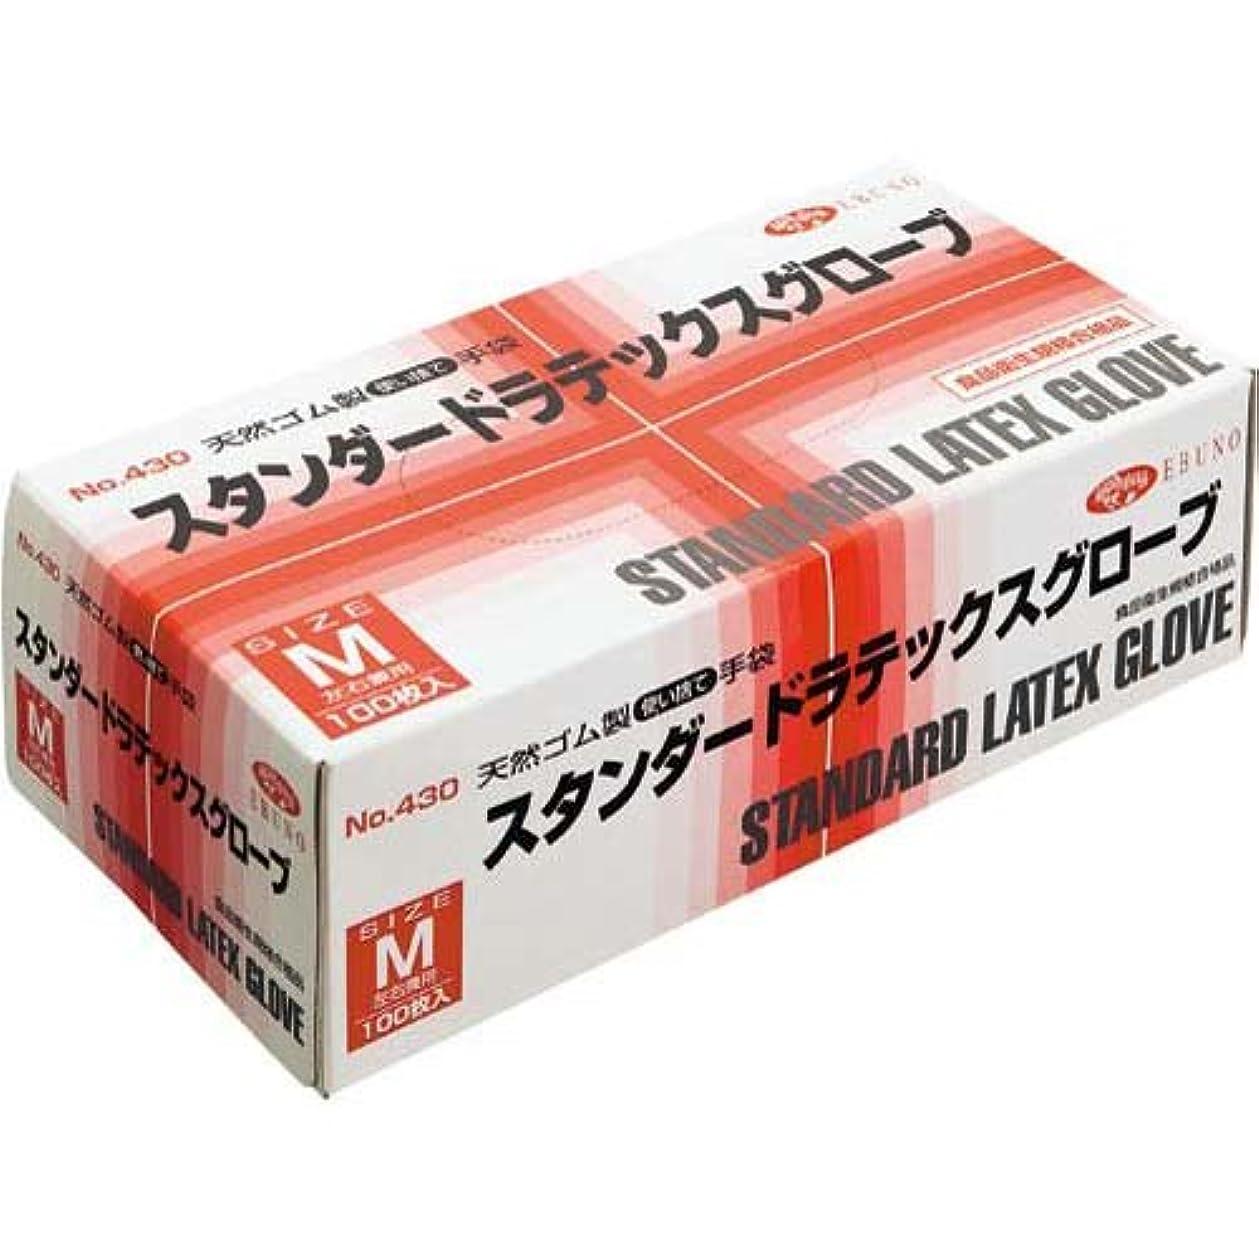 しかしながら配列ヒゲエブノ スタンダードラテックスグローブ 箱入 No.430 100枚入 M 奥行0.8×高さ24×幅9.4cm 100個入